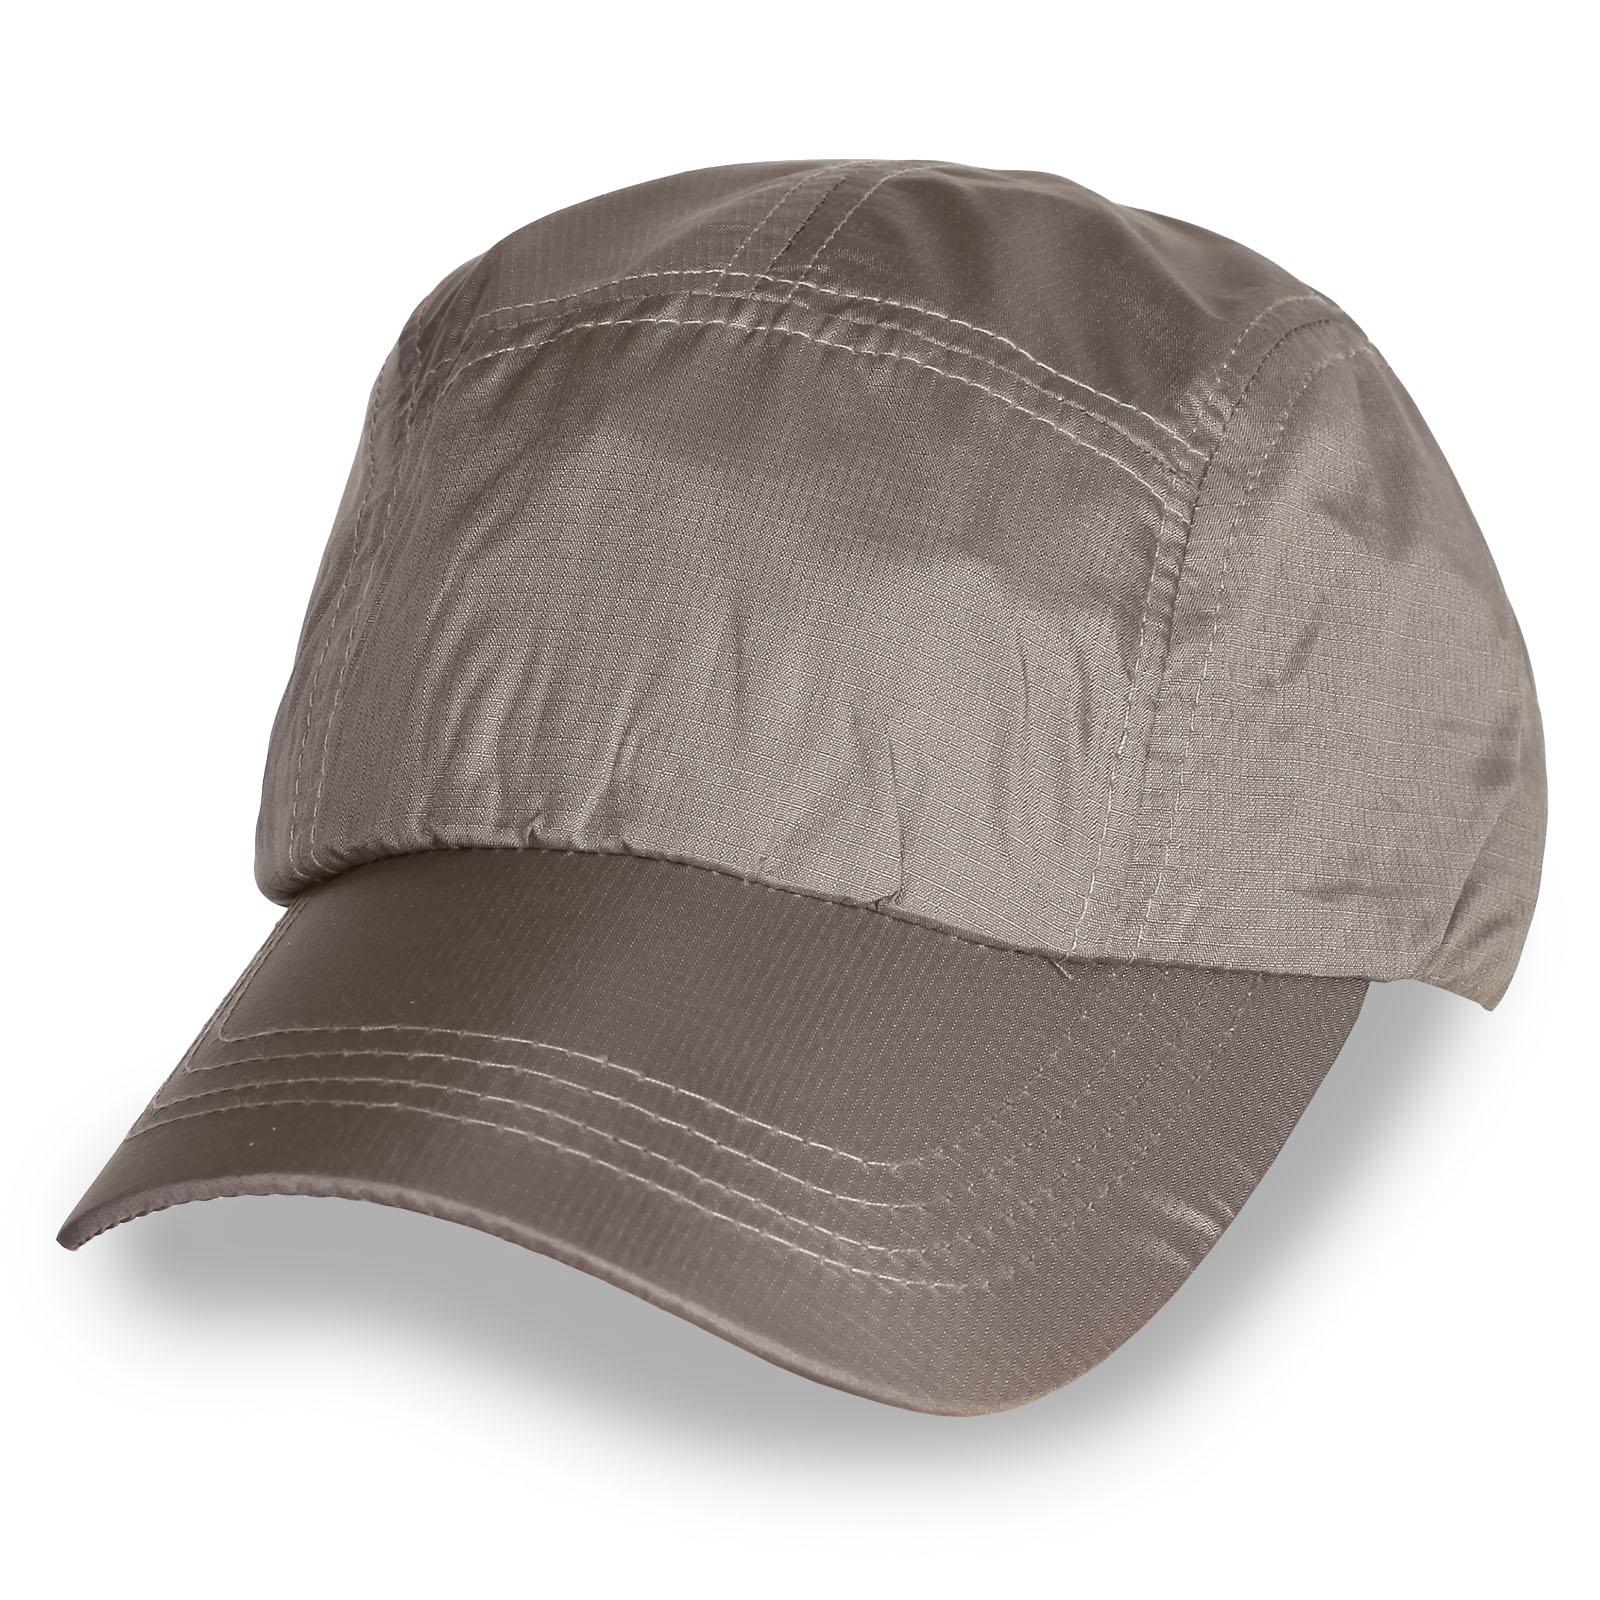 Кепка пятипанелька  | Купить кепки и бейсболки оптом